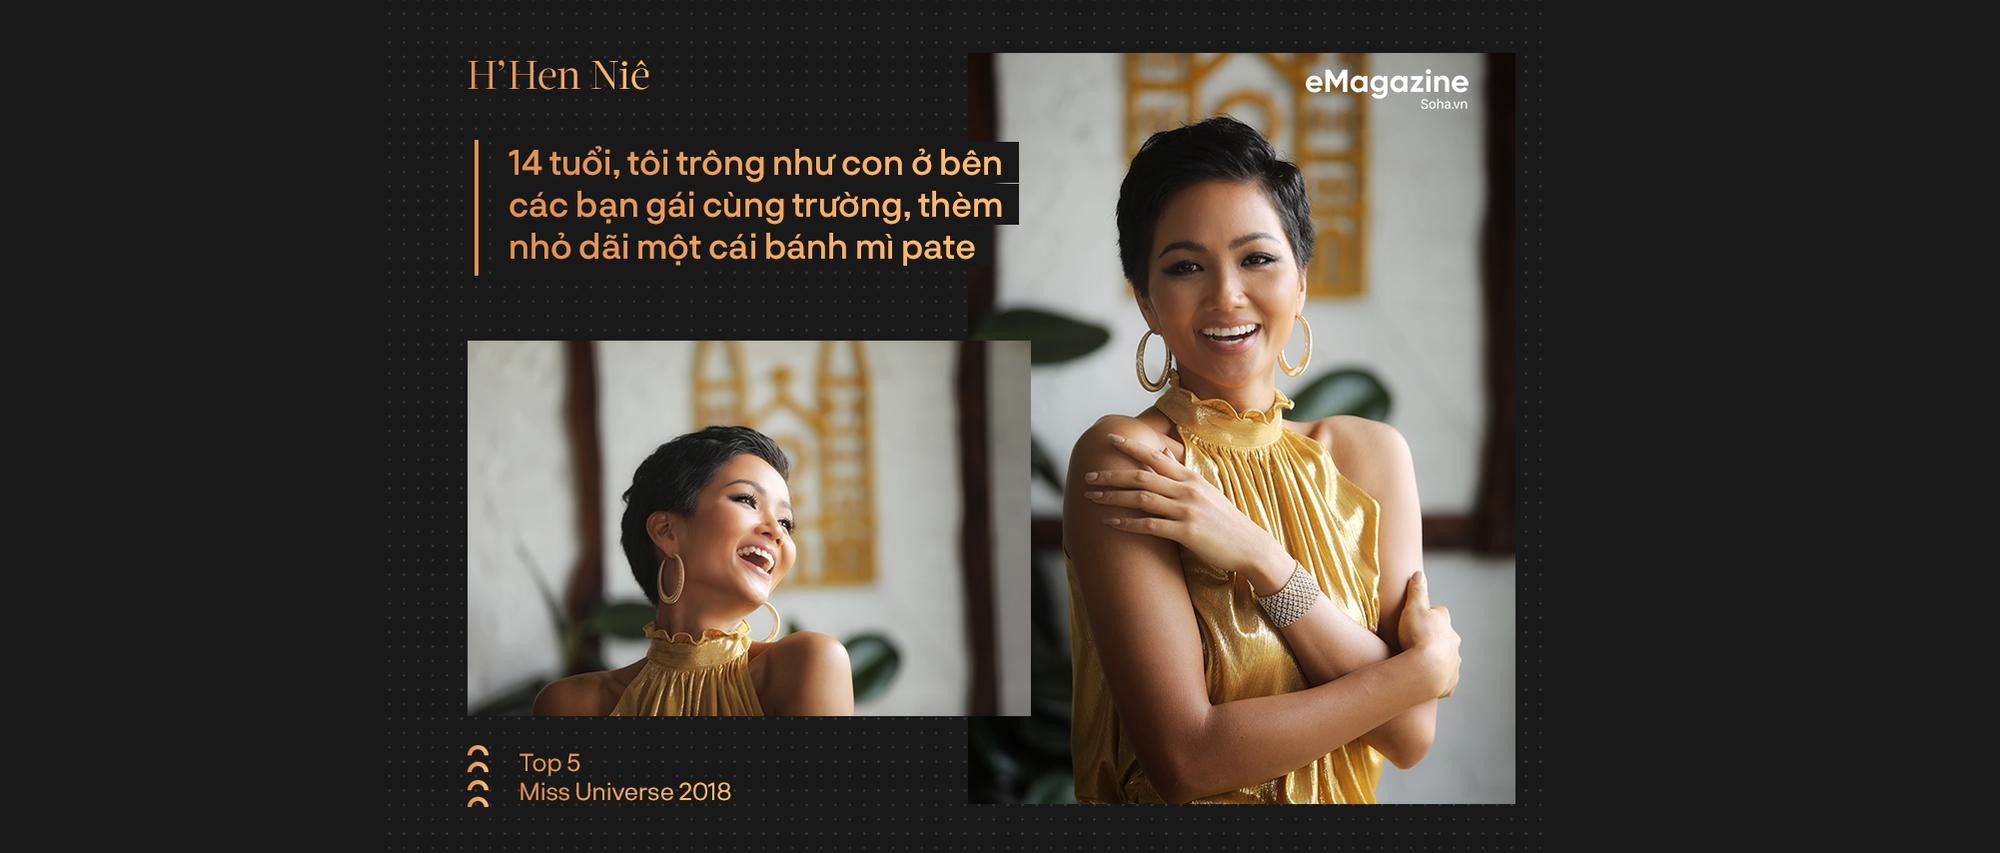 H'Hen Niê: Hoa hậu hoang dã, điên, khùng và nghèo nhất Việt Nam! - Ảnh 32.